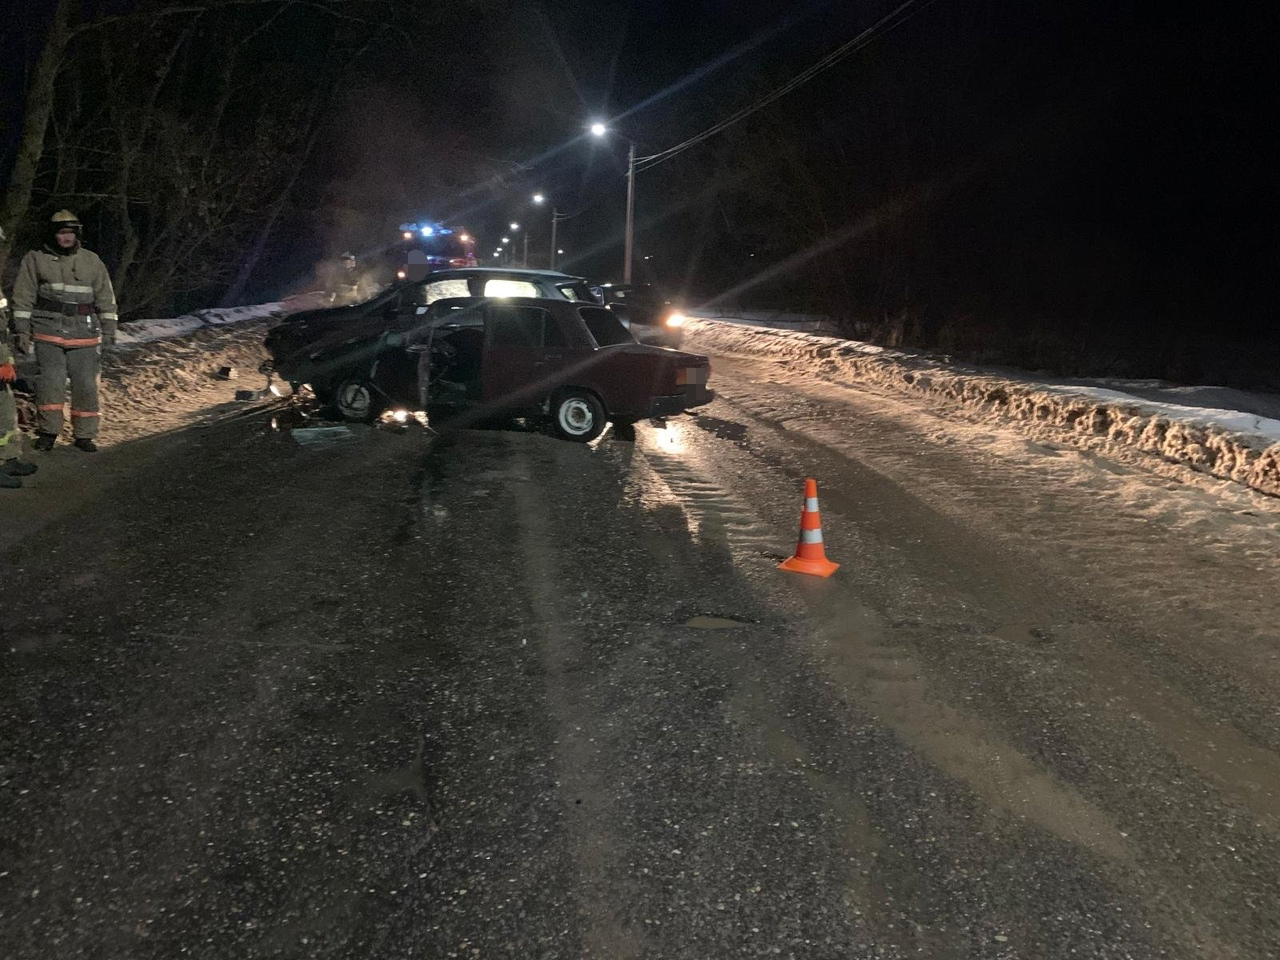 На Борковском шоссе в Кимрах 39-летняя женщина-водитель спровоцировала ДТП с пострадавшим